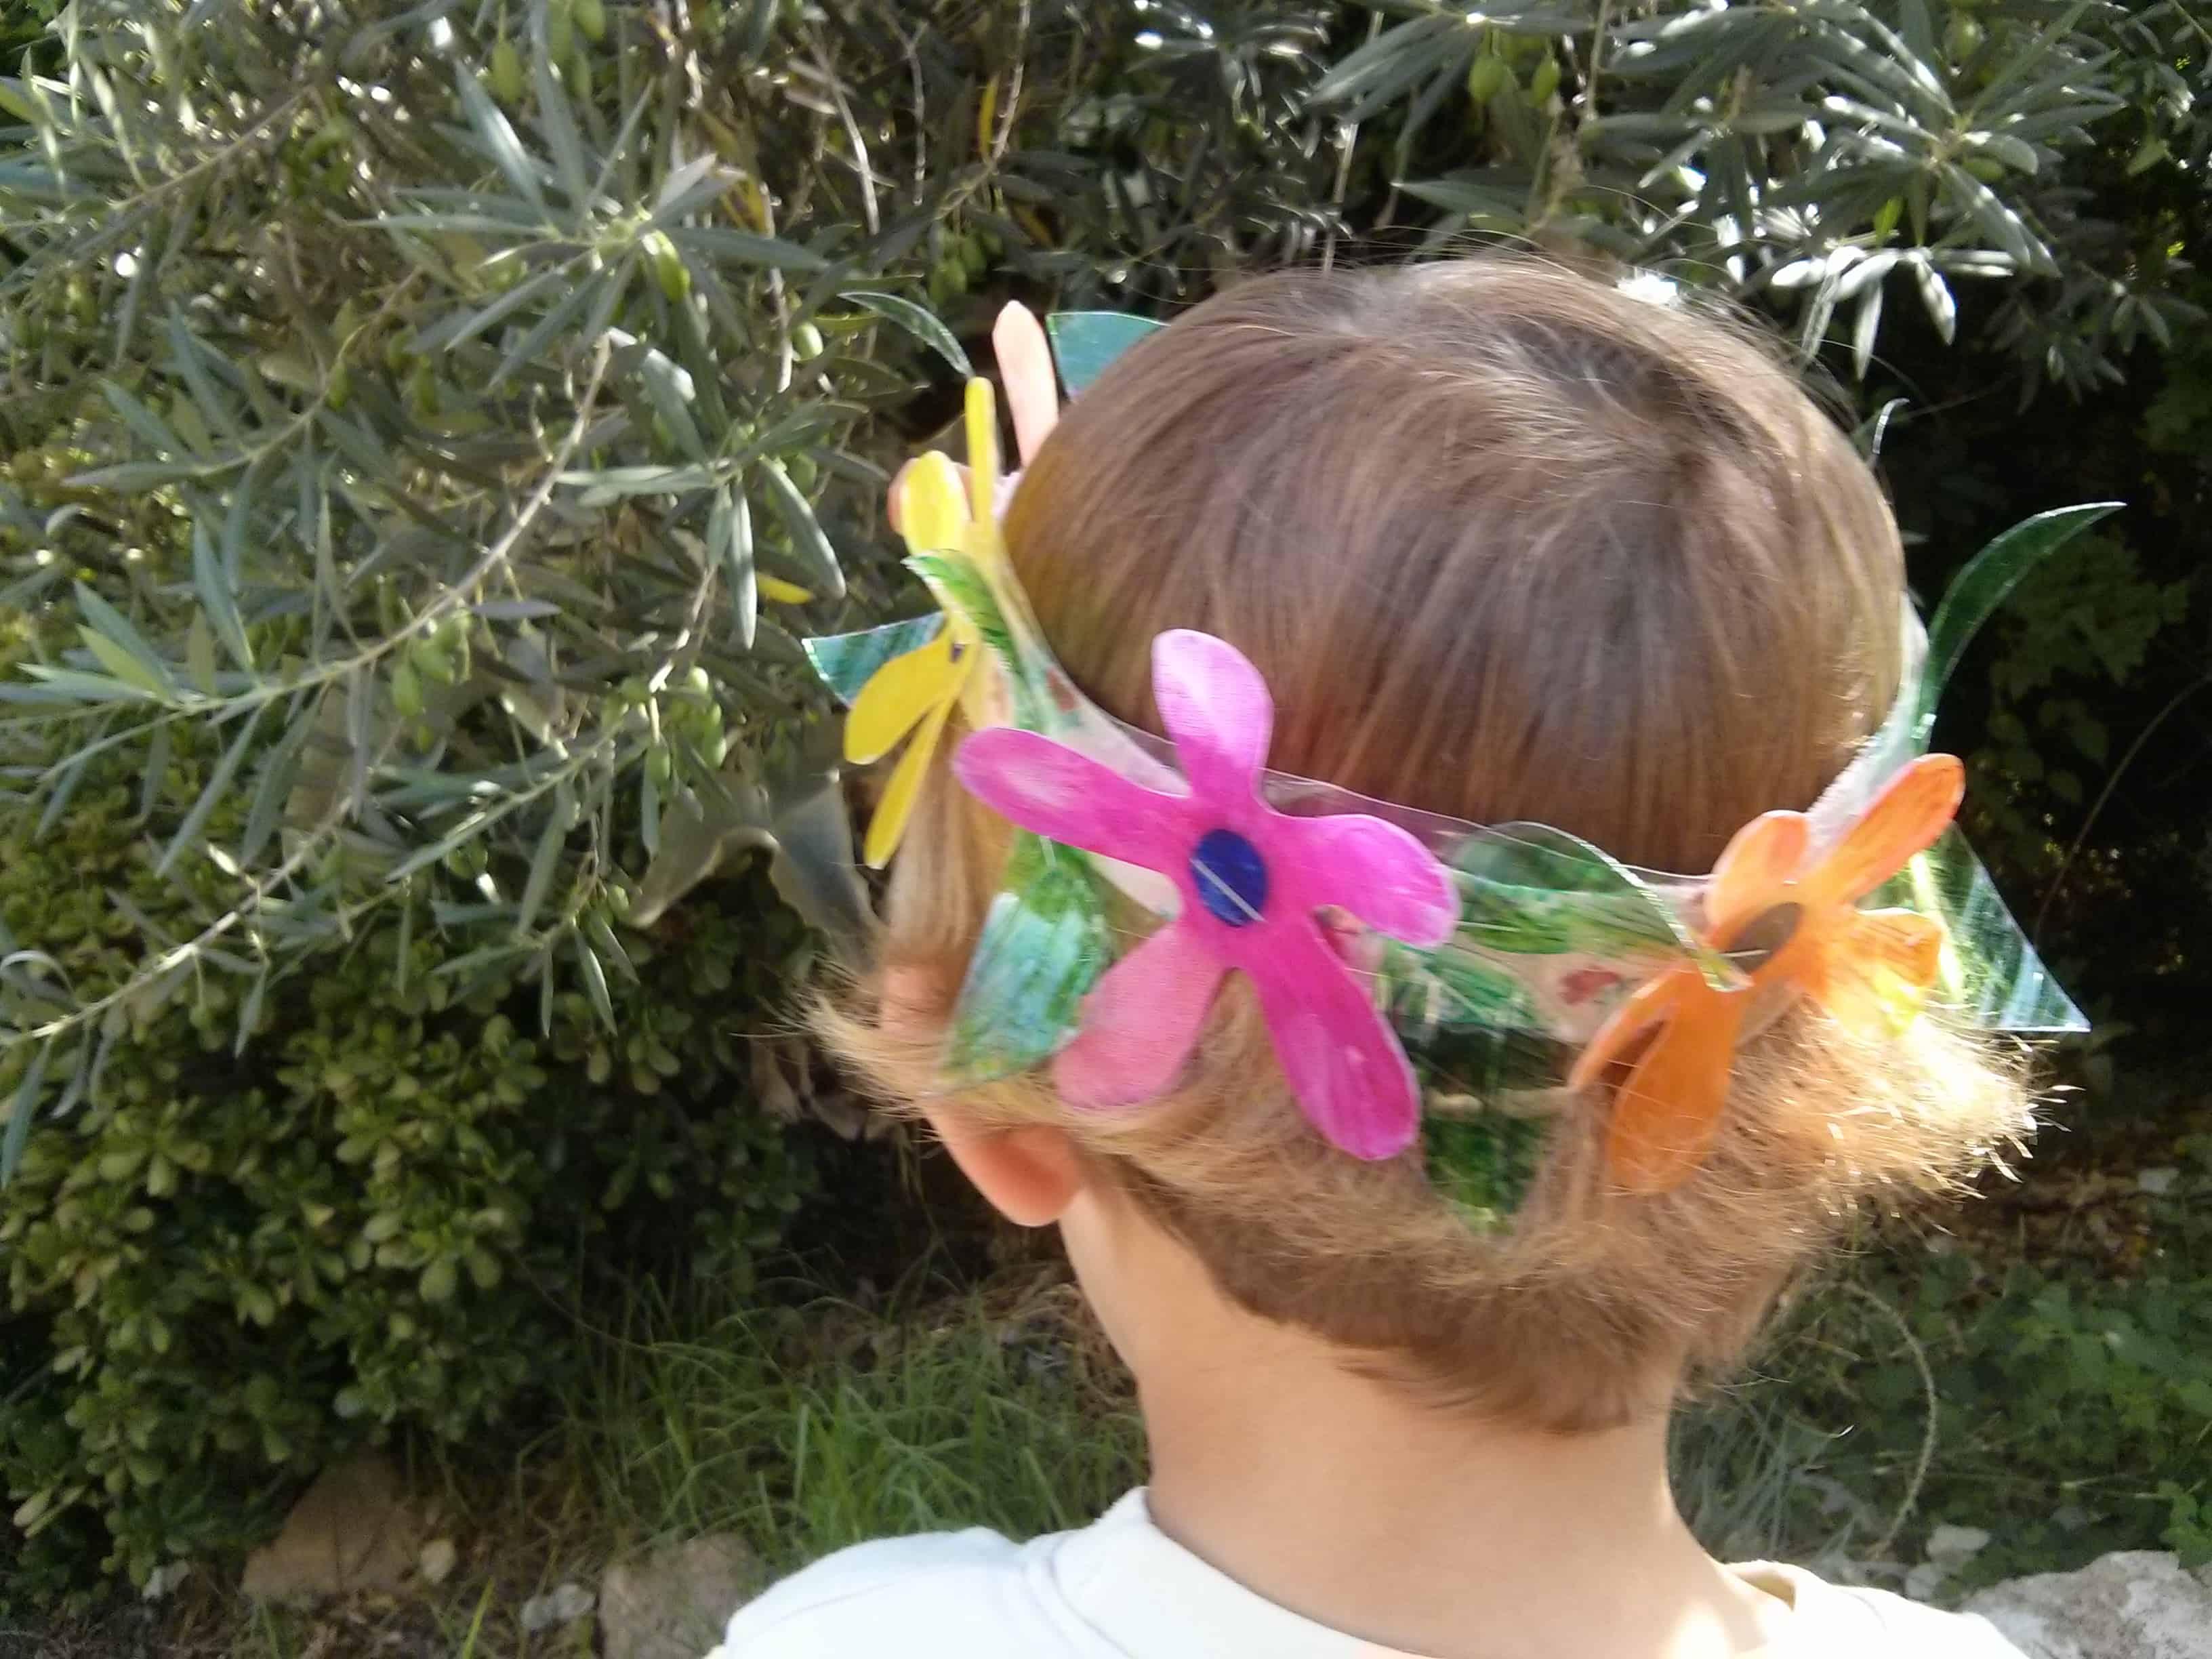 פתרונות יצירה פשוטים – זר פרחים ססגוני לחג שבועות